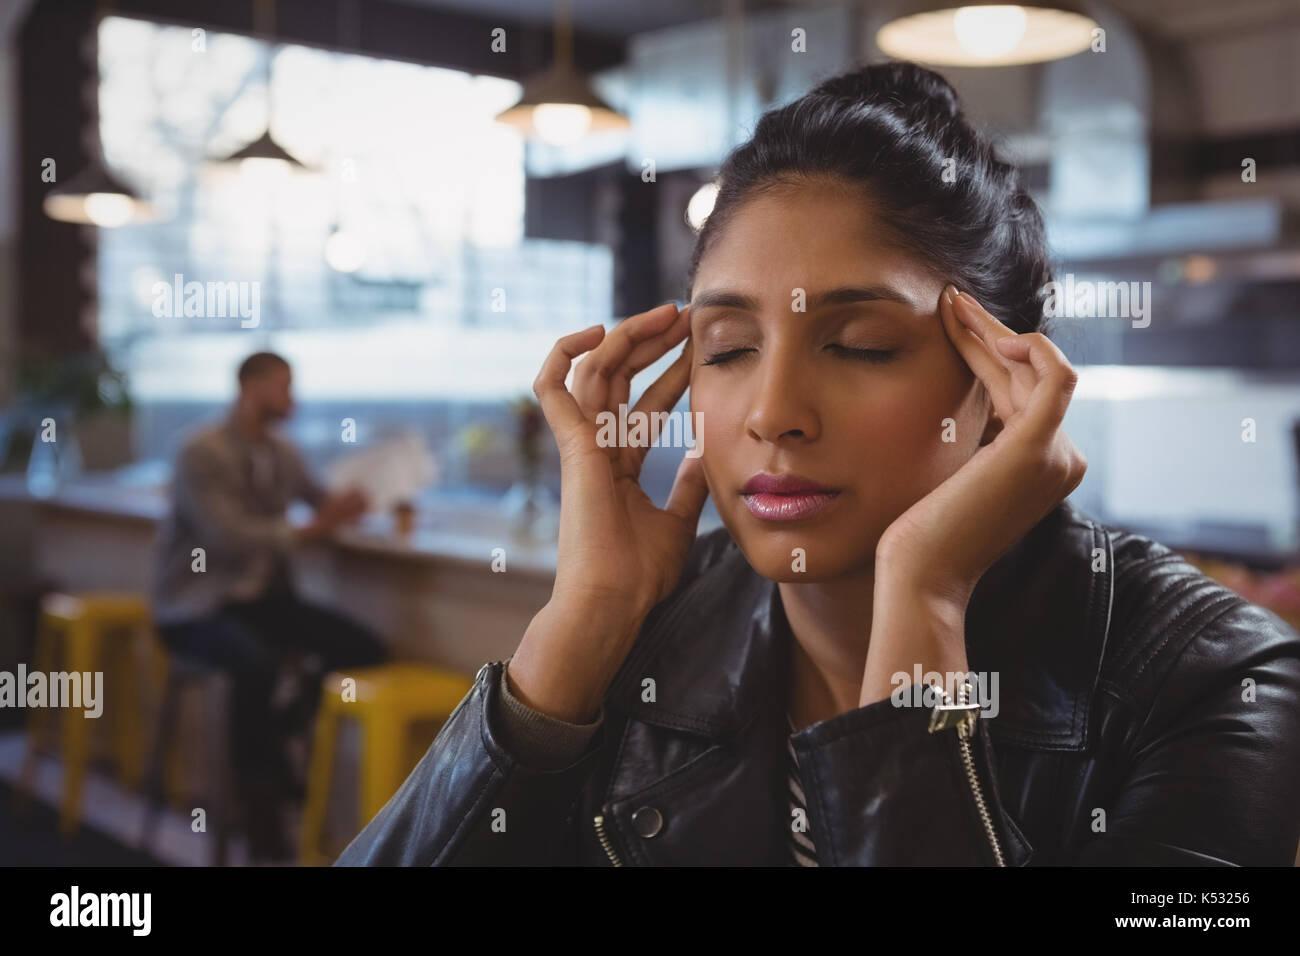 Junge Frau leidet unter Kopfschmerzen mit Freund im Hintergrund im Cafe Stockbild